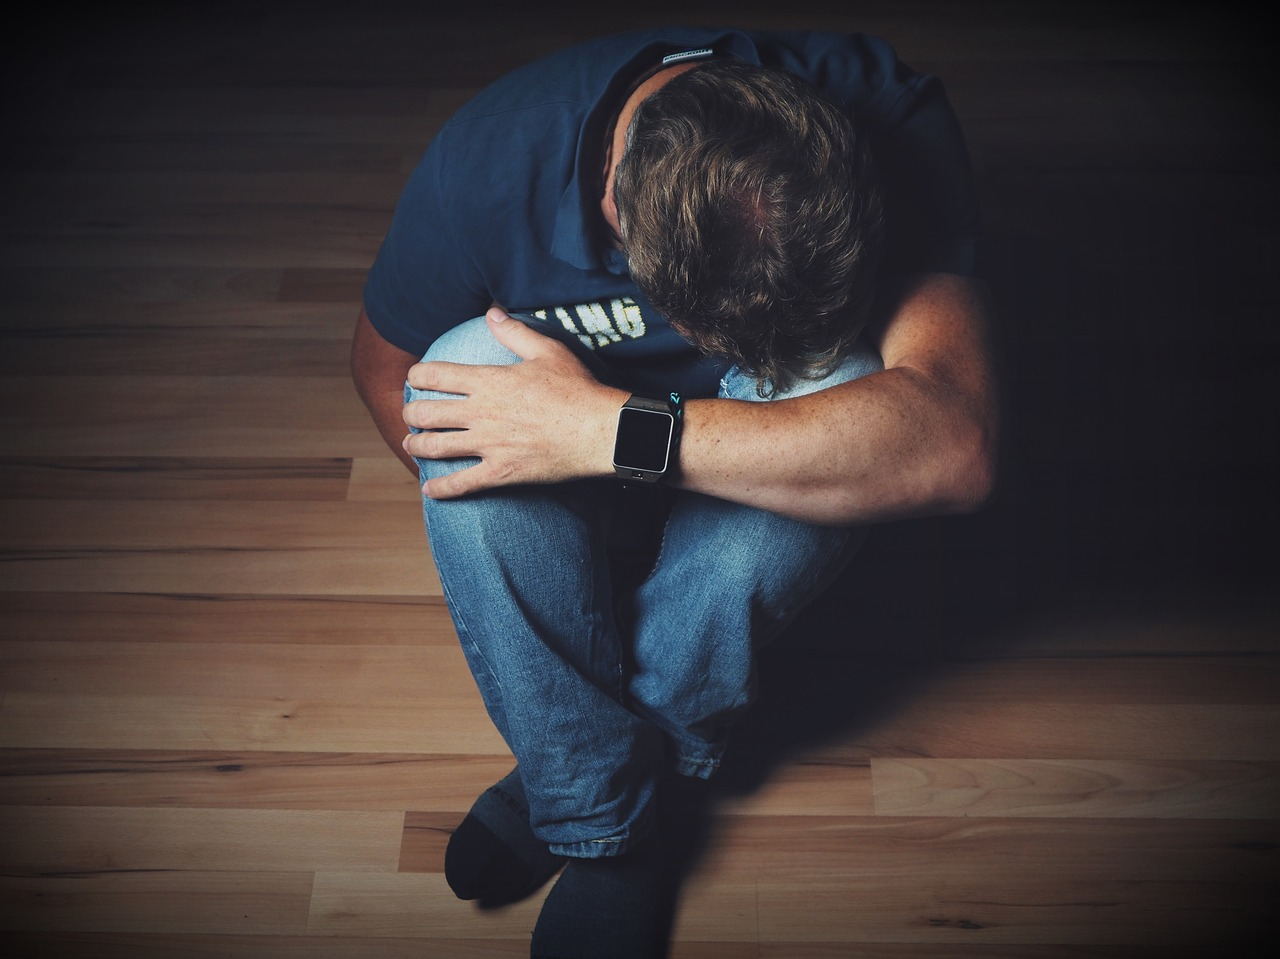 Mann mit Schmerzen verzweifelt